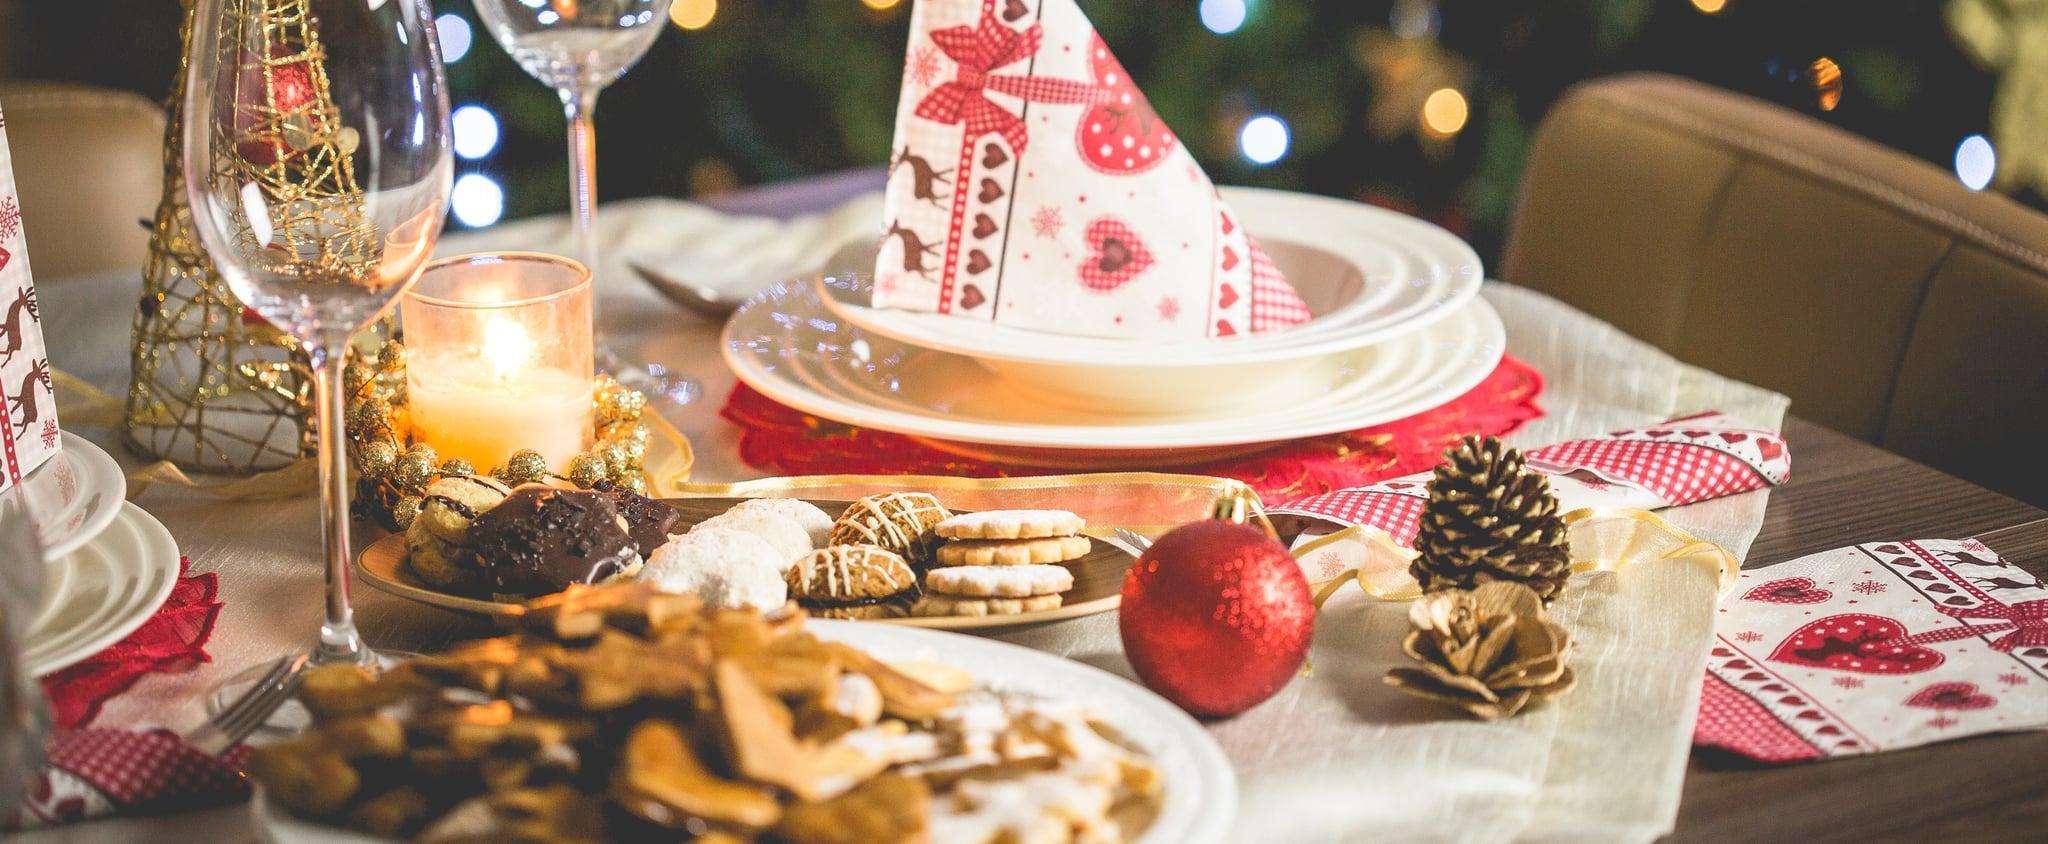 10 من أروع عروض عيد الميلاد في مطاعم دبي الفاخرة 2019